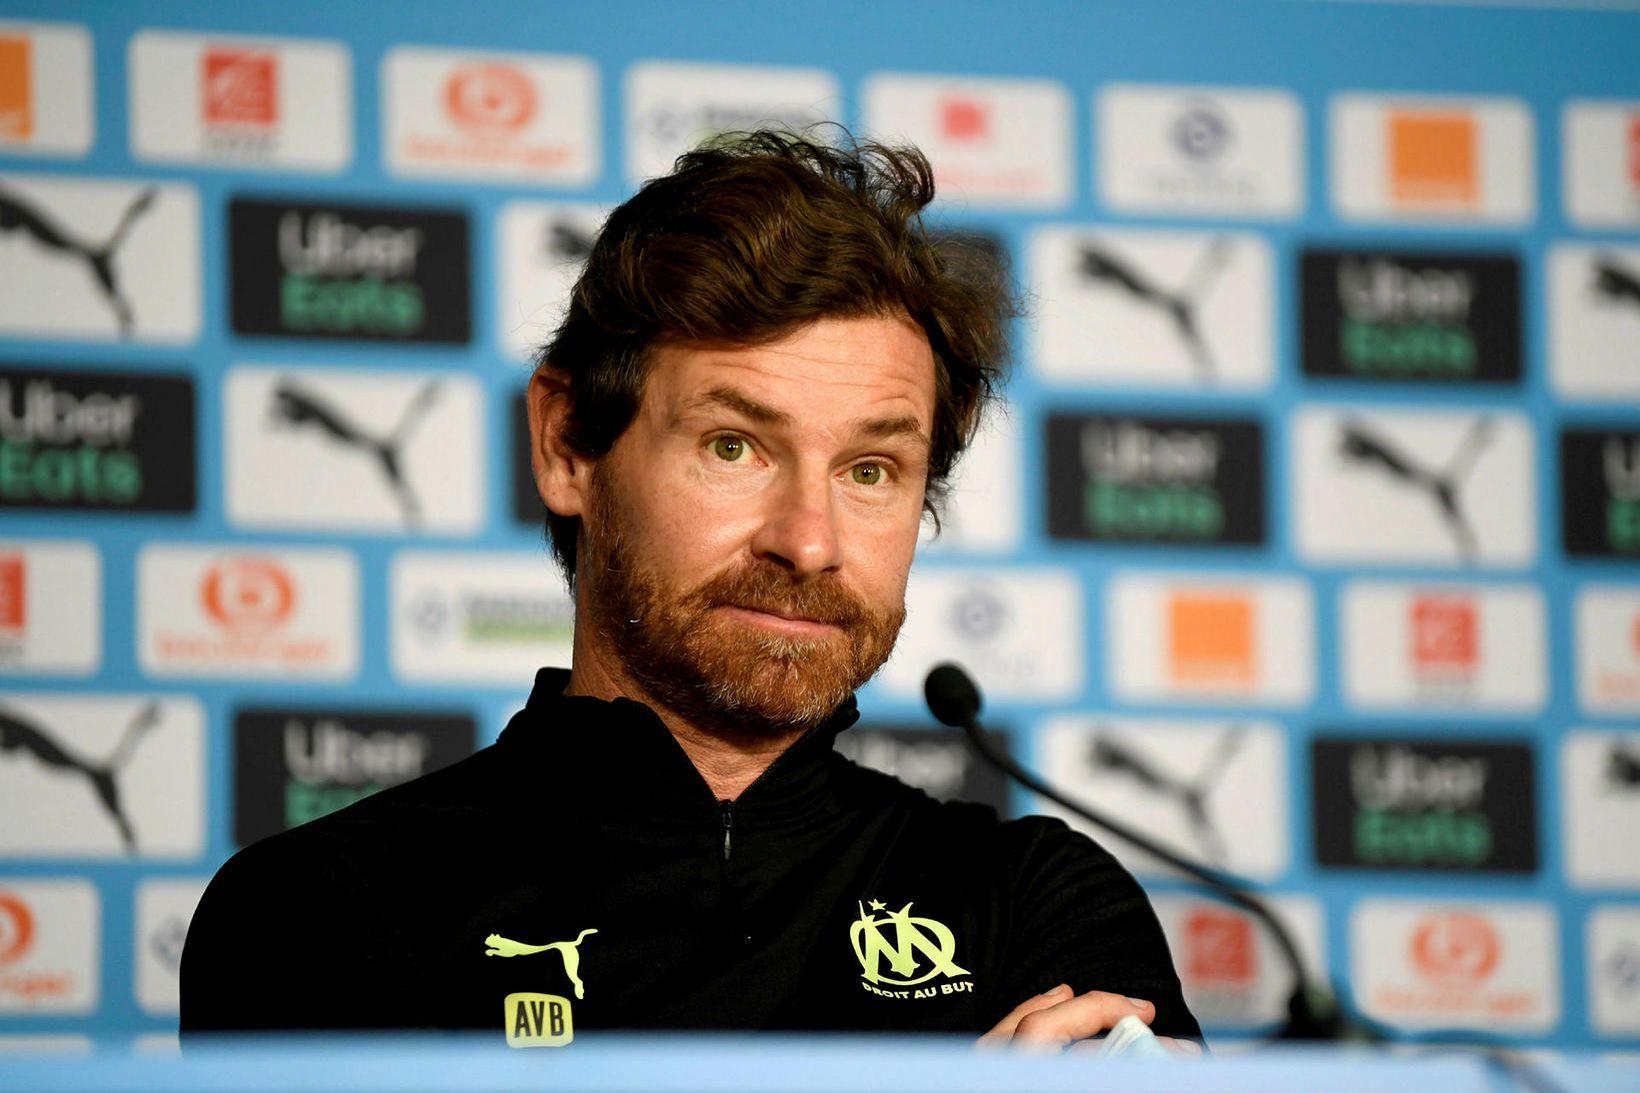 André Villas-Boas var síðast knattspyrnustjóri Marseille.